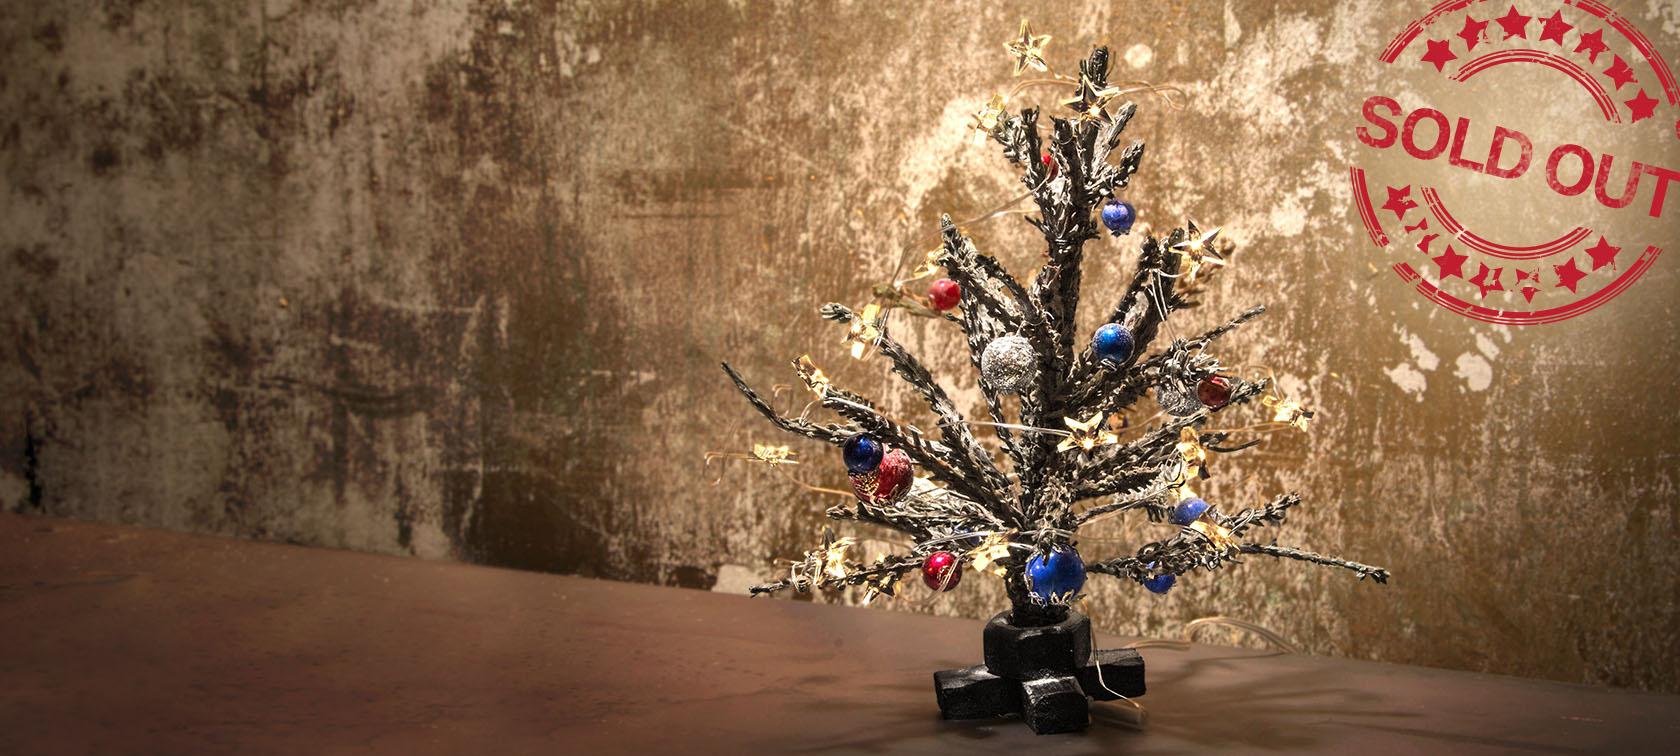 Der BMW M Weihnachtsbaum